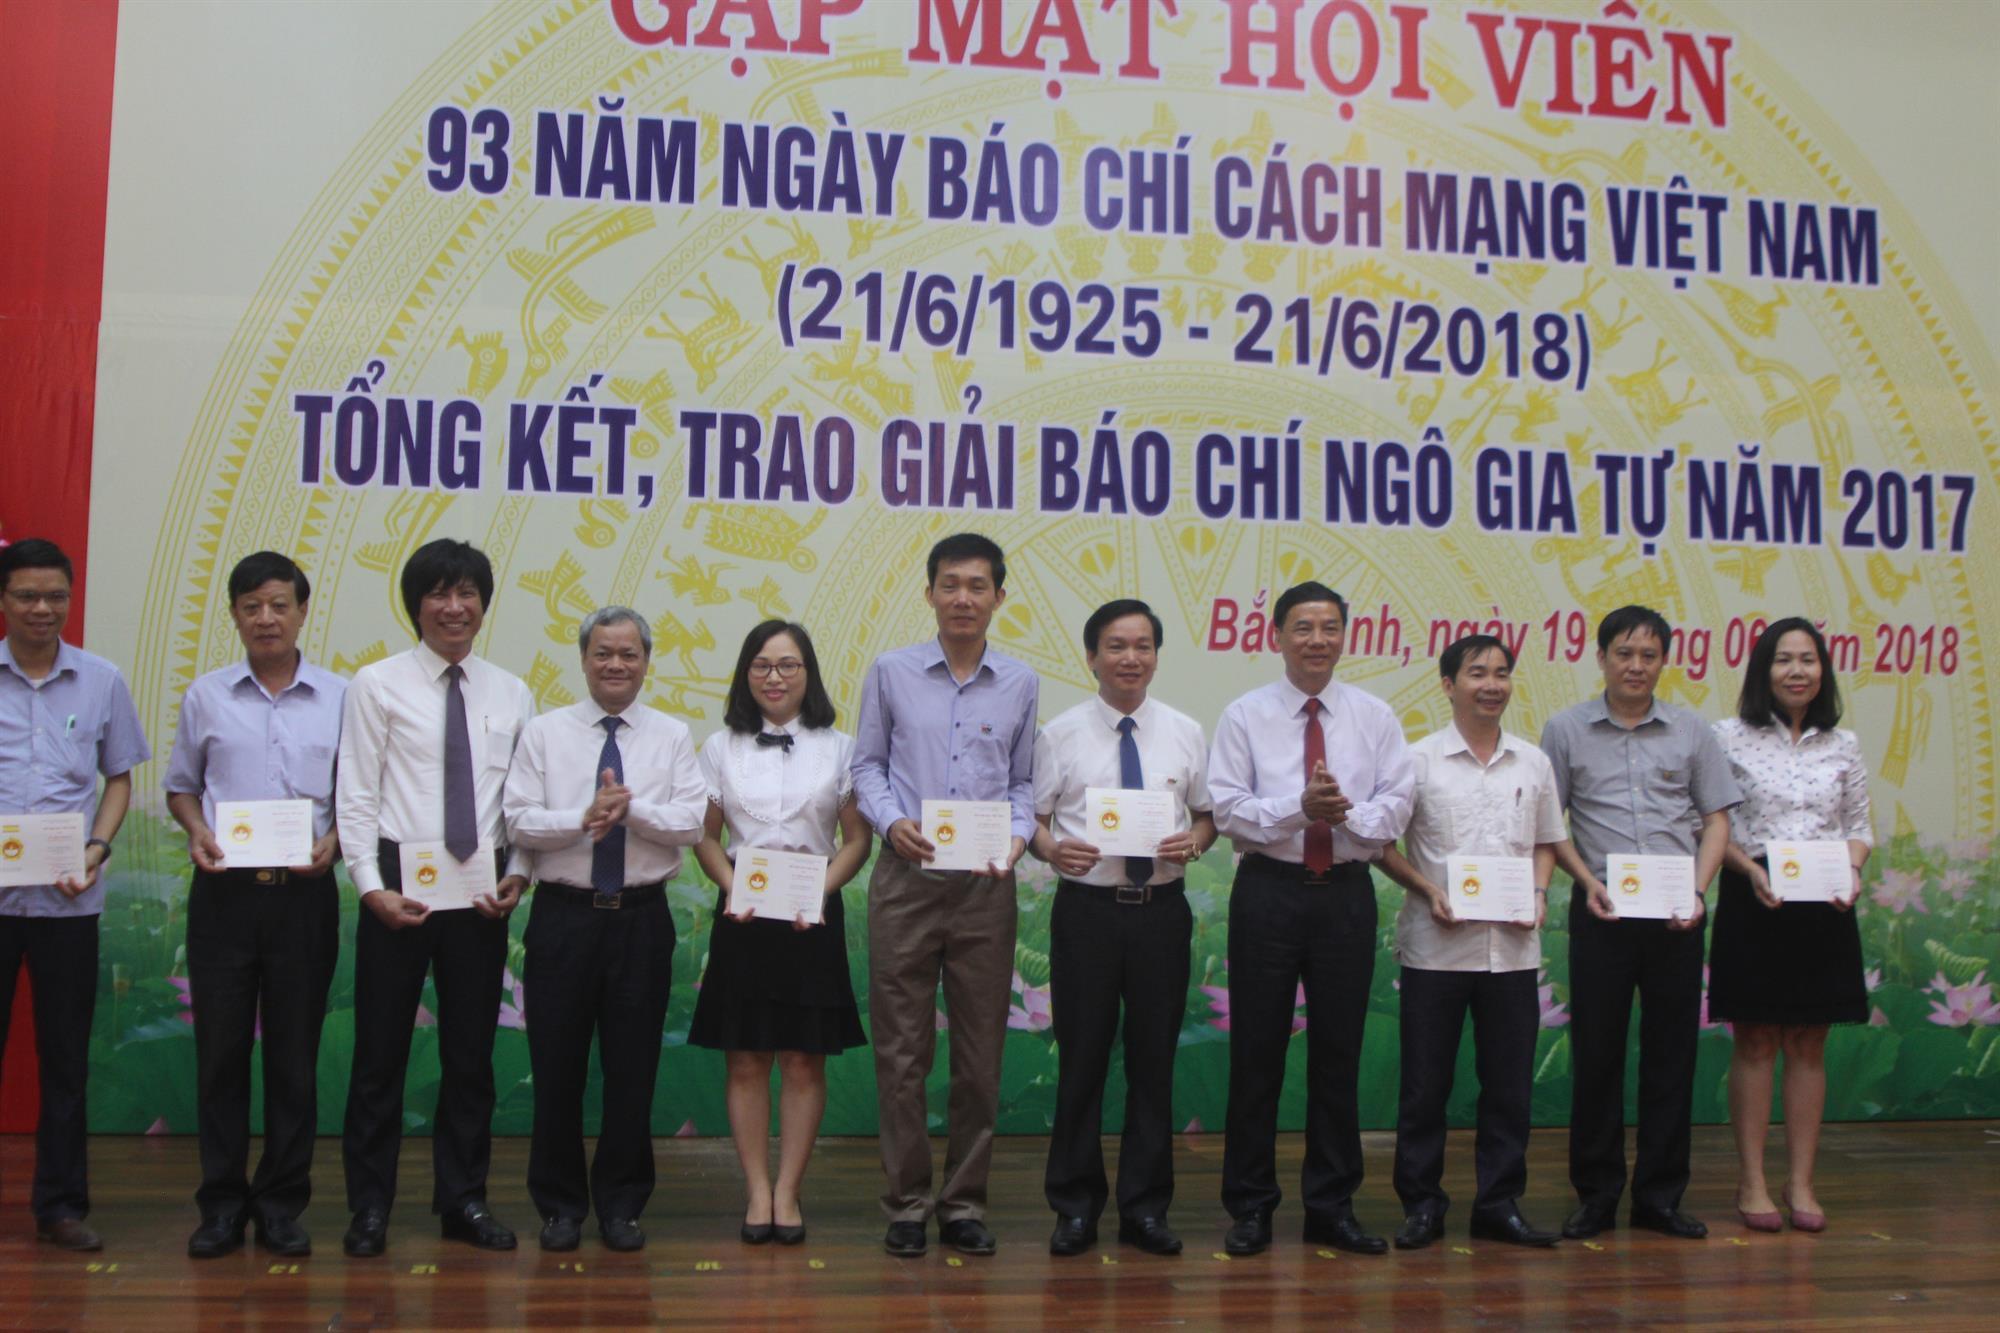 Hội Nhà báo tỉnh Bắc Ninh tổ chức Lễ kỷ niệm 93 năm Ngày Báo chí Cách mạng Việt Nam